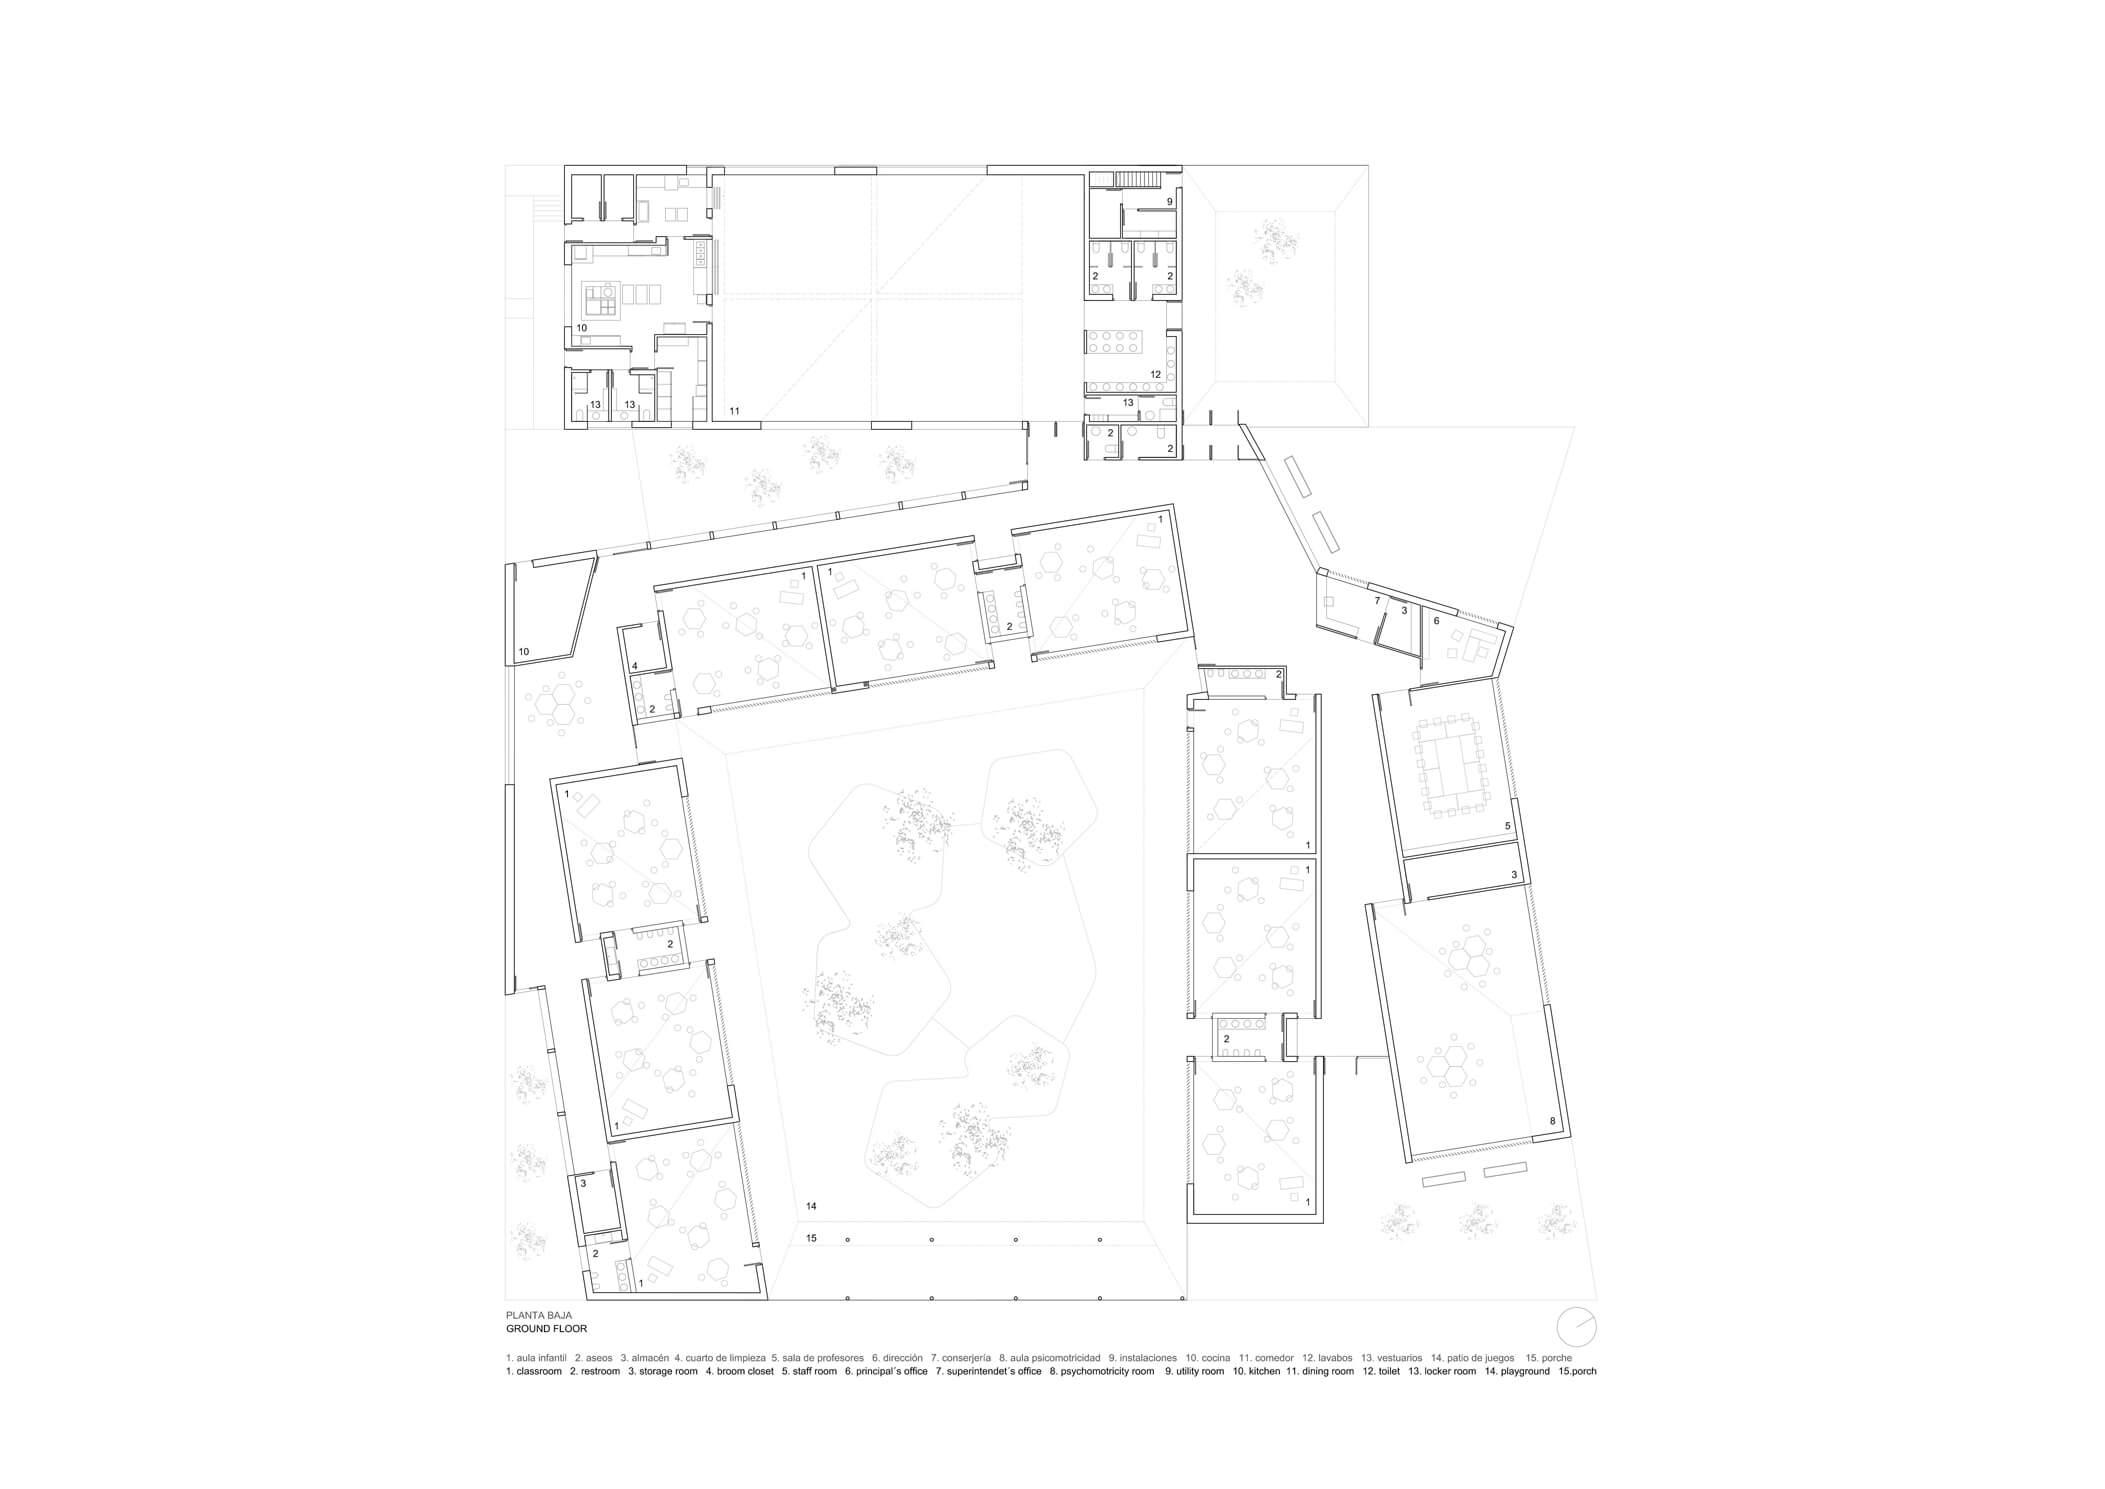 planta magen arquitectos colegio arcosur zaragoza